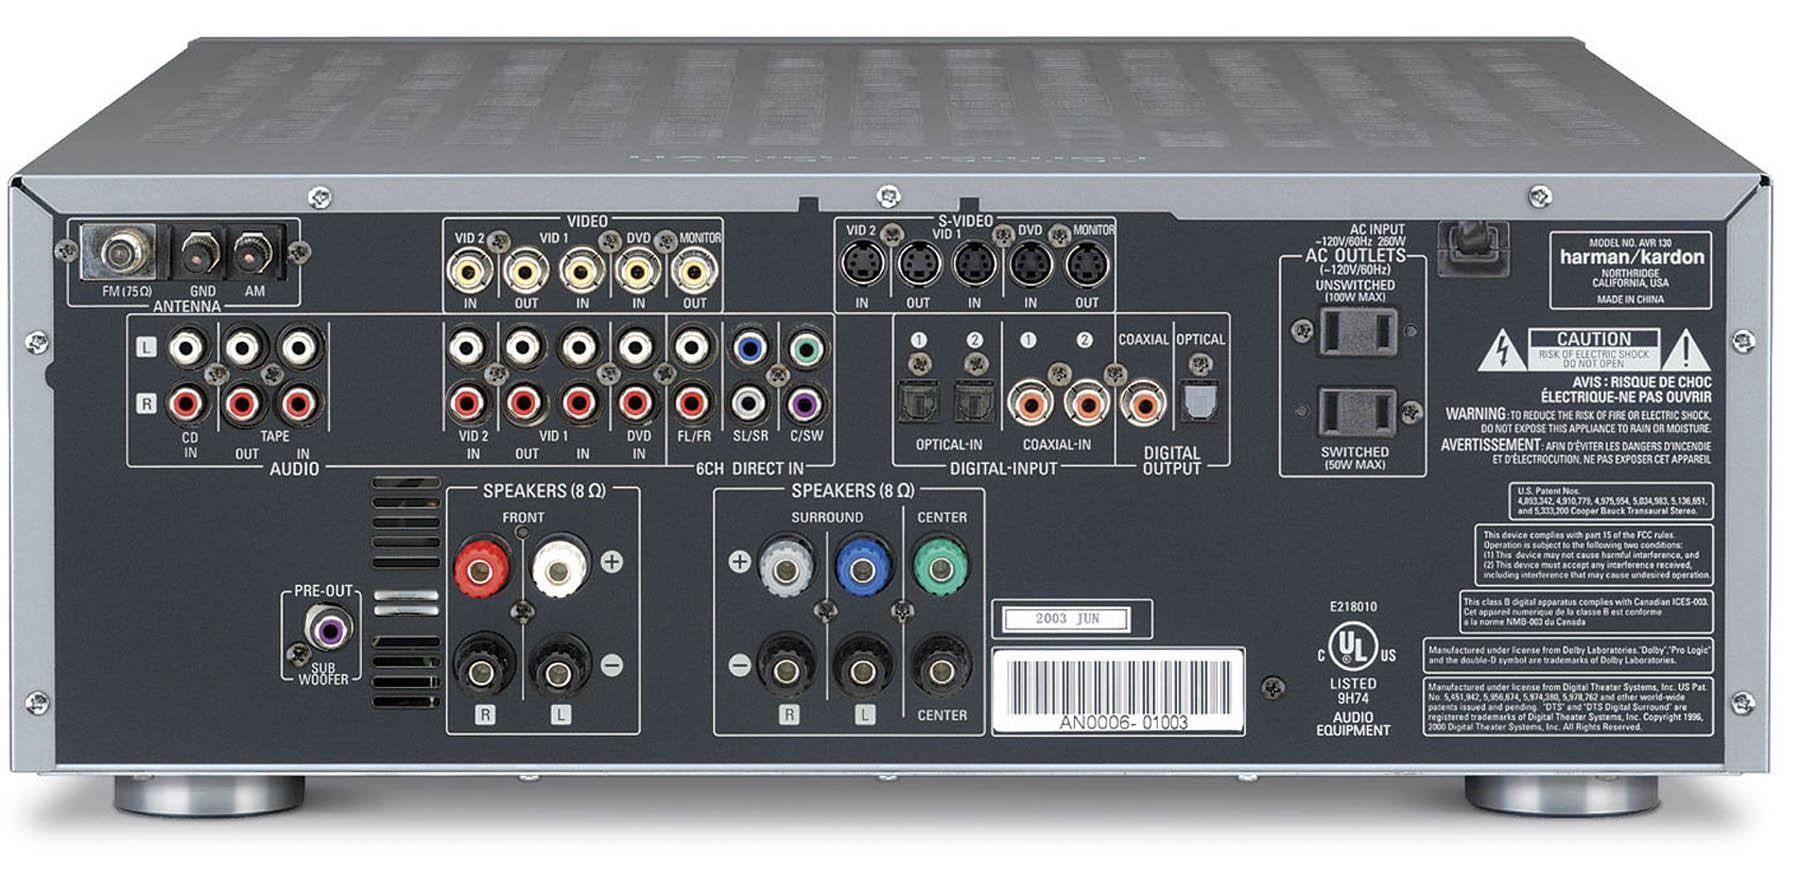 audiorama equipamentos de audio video harman kardon rh audiorama com br harman kardon avr 1600 user manual harman kardon avr 1650 manual